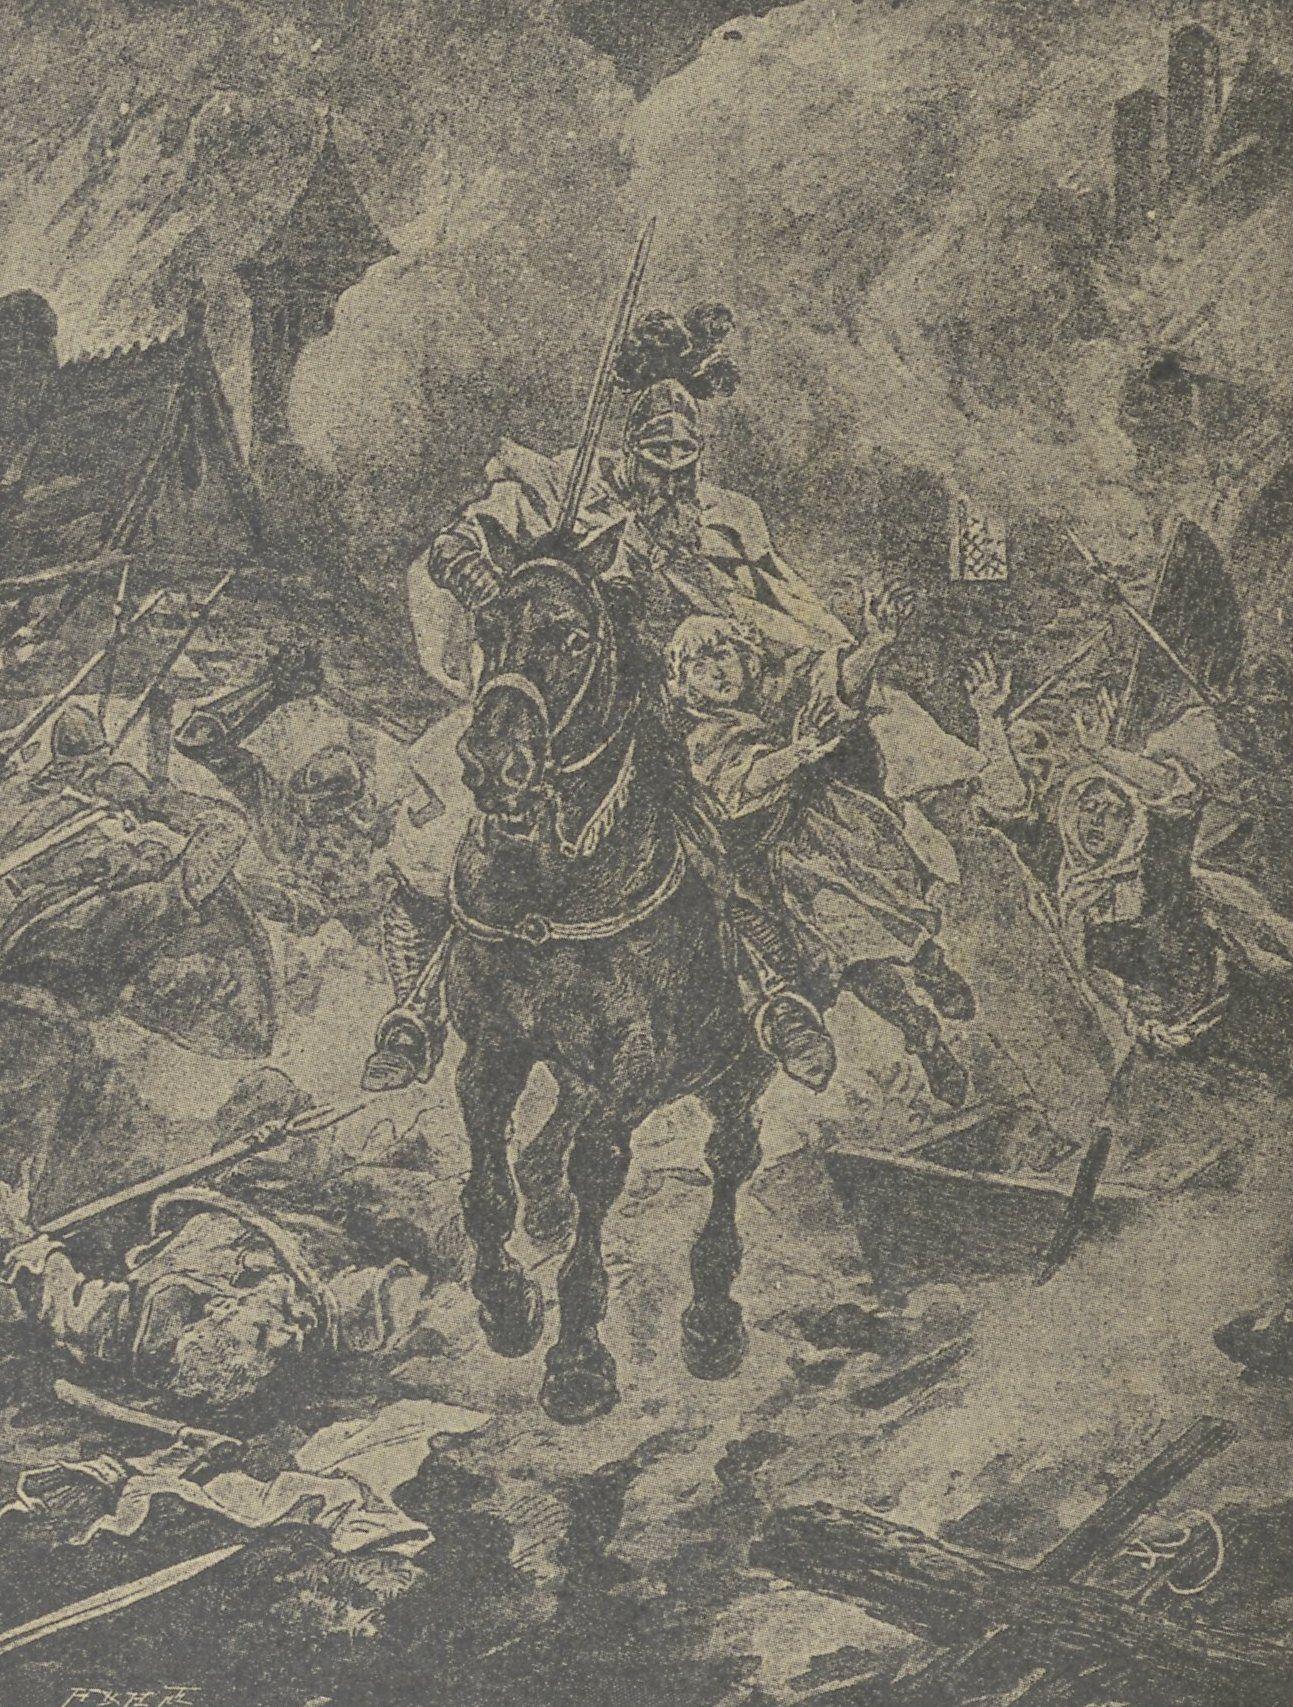 XIX-wieczny rysunek przedstawiający Krzyżaka wracającego z łupem z wyprawy.XIX-wieczny rysunek przedstawiający Krzyżaka wracającego z łupem z wyprawy.